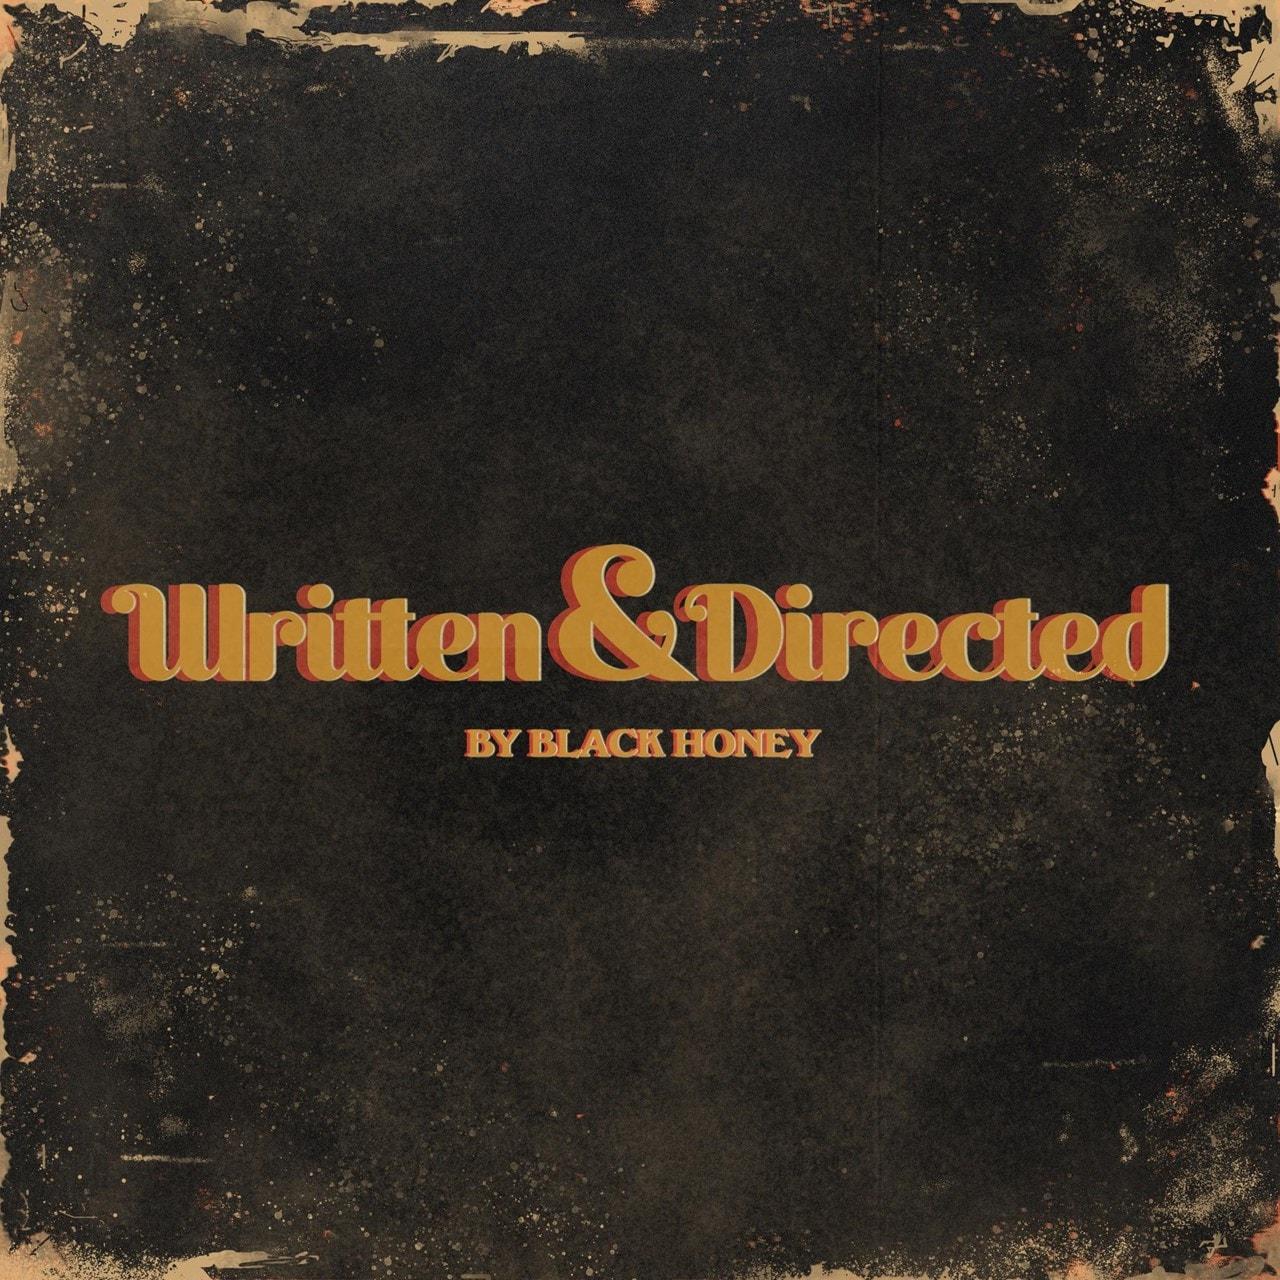 Written & Directed - 1